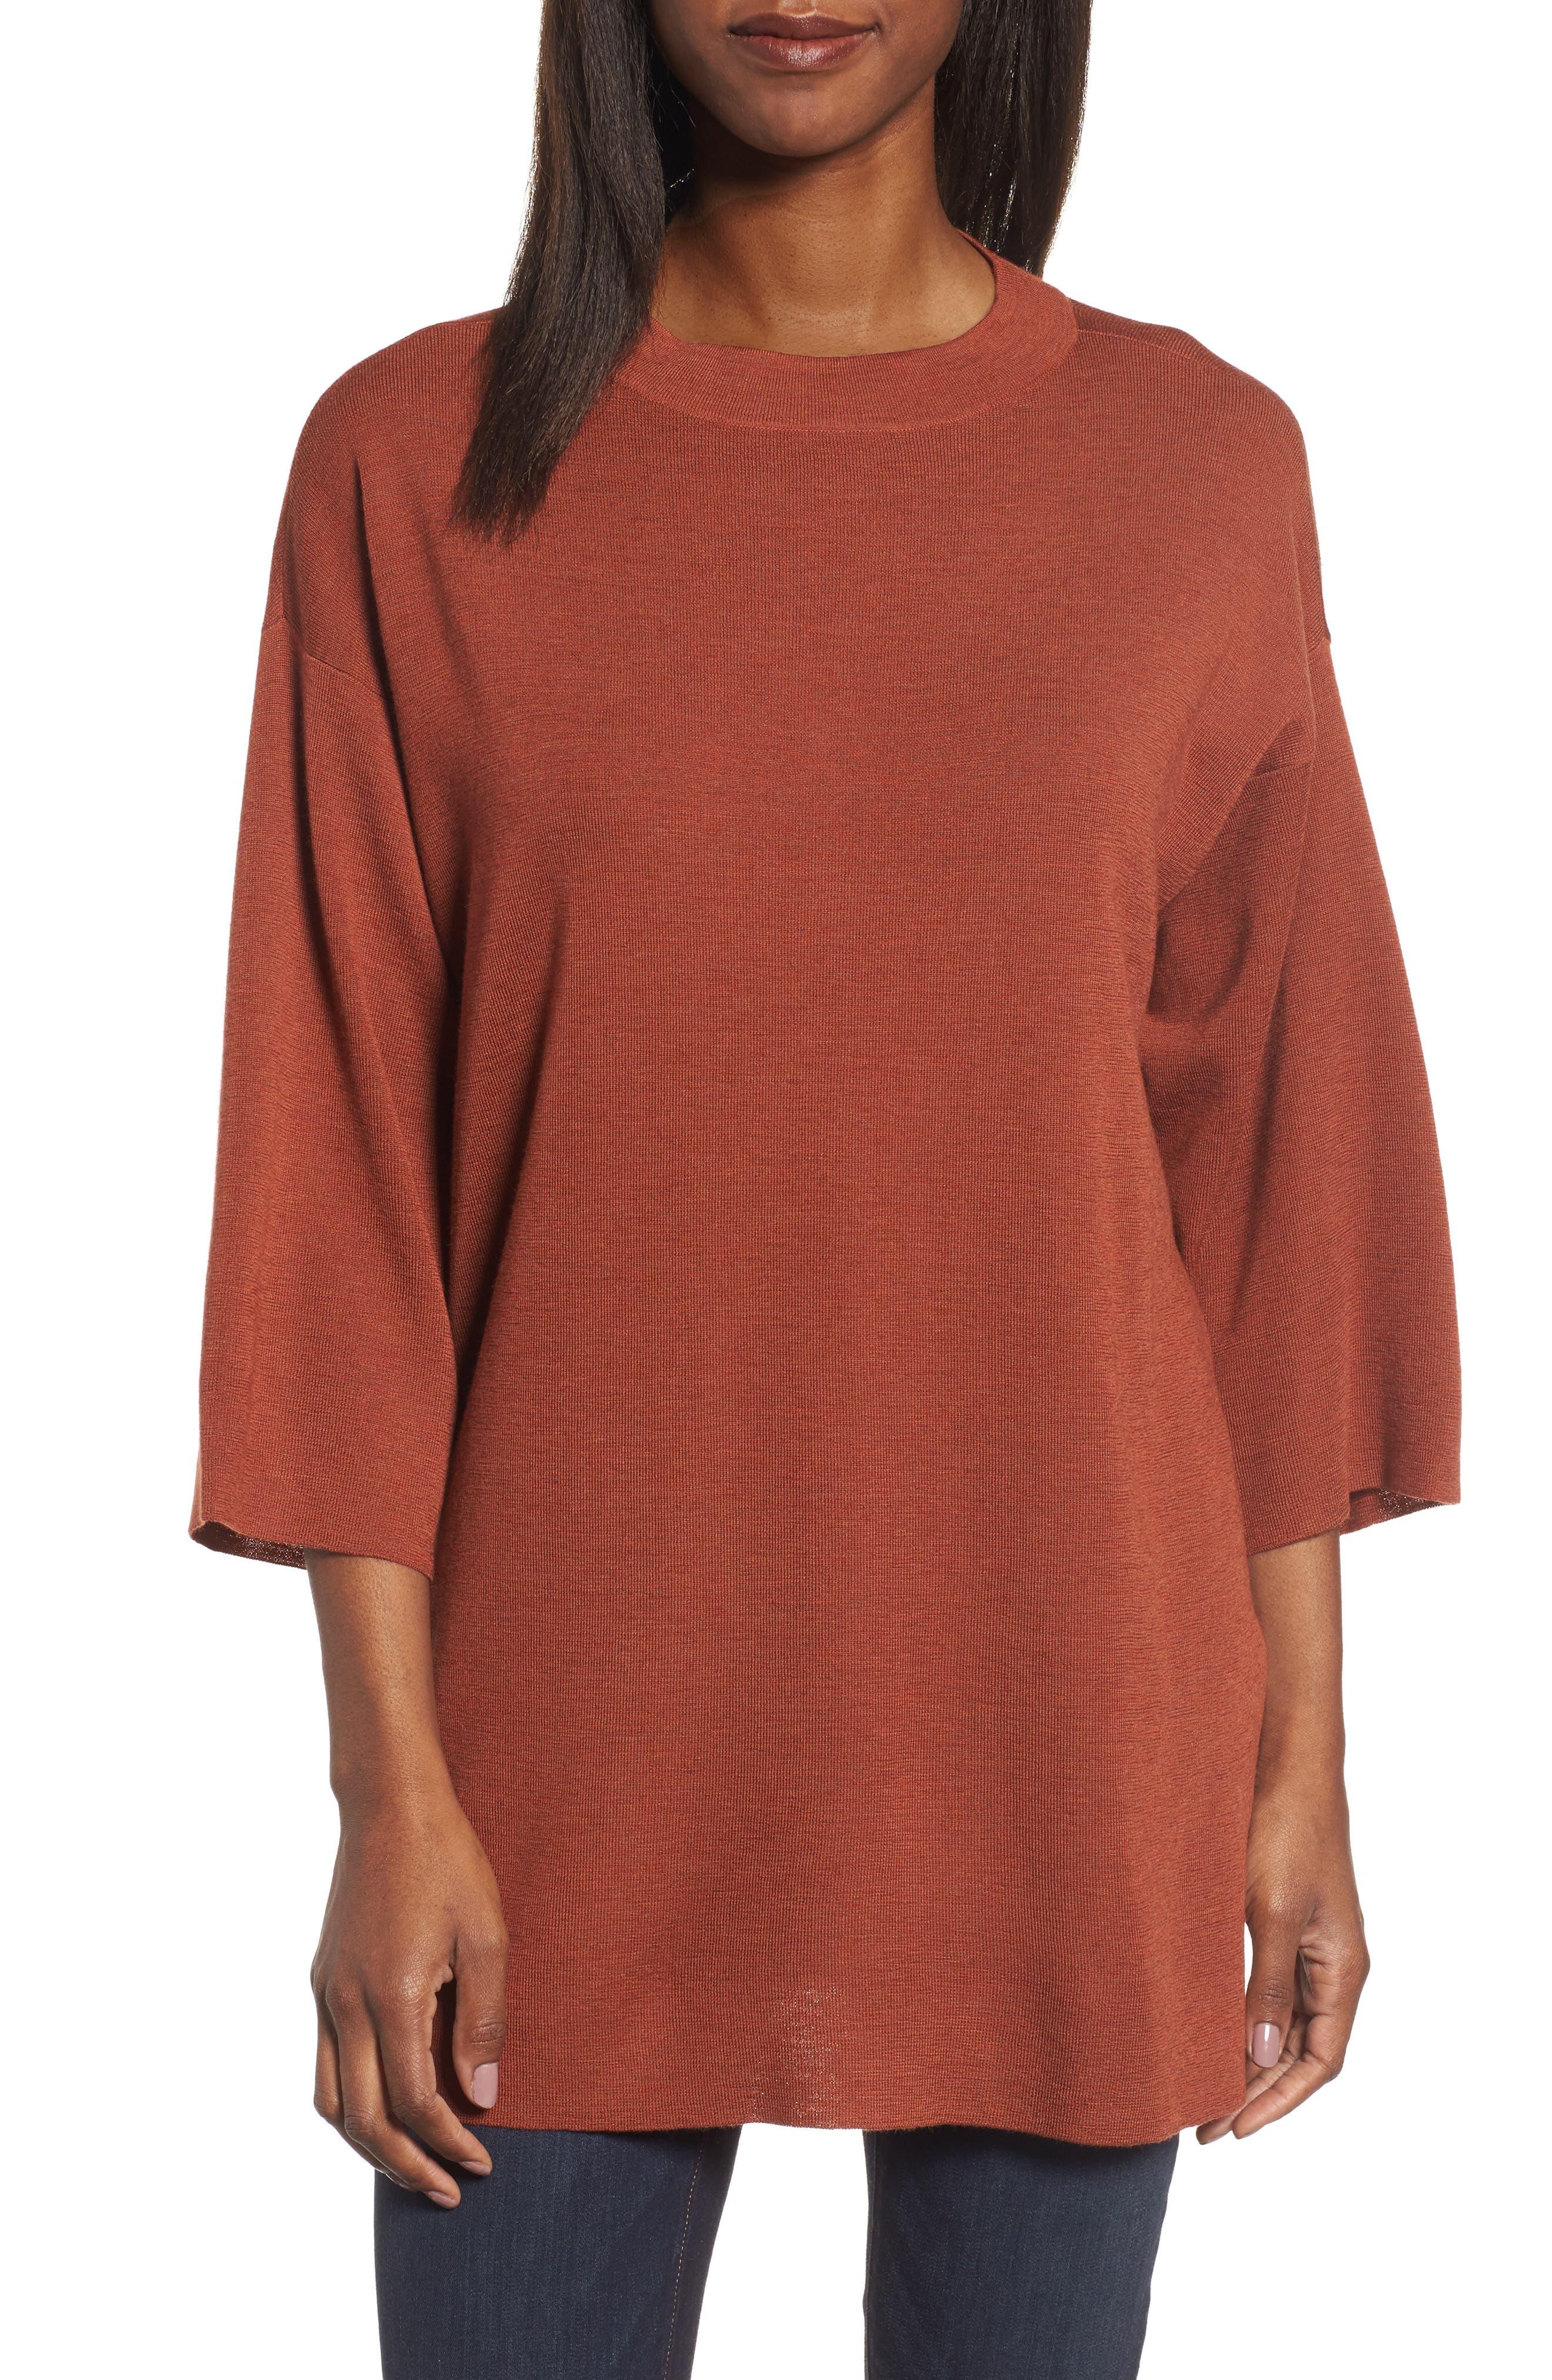 Eileen Fisher Merino Wool Tunic